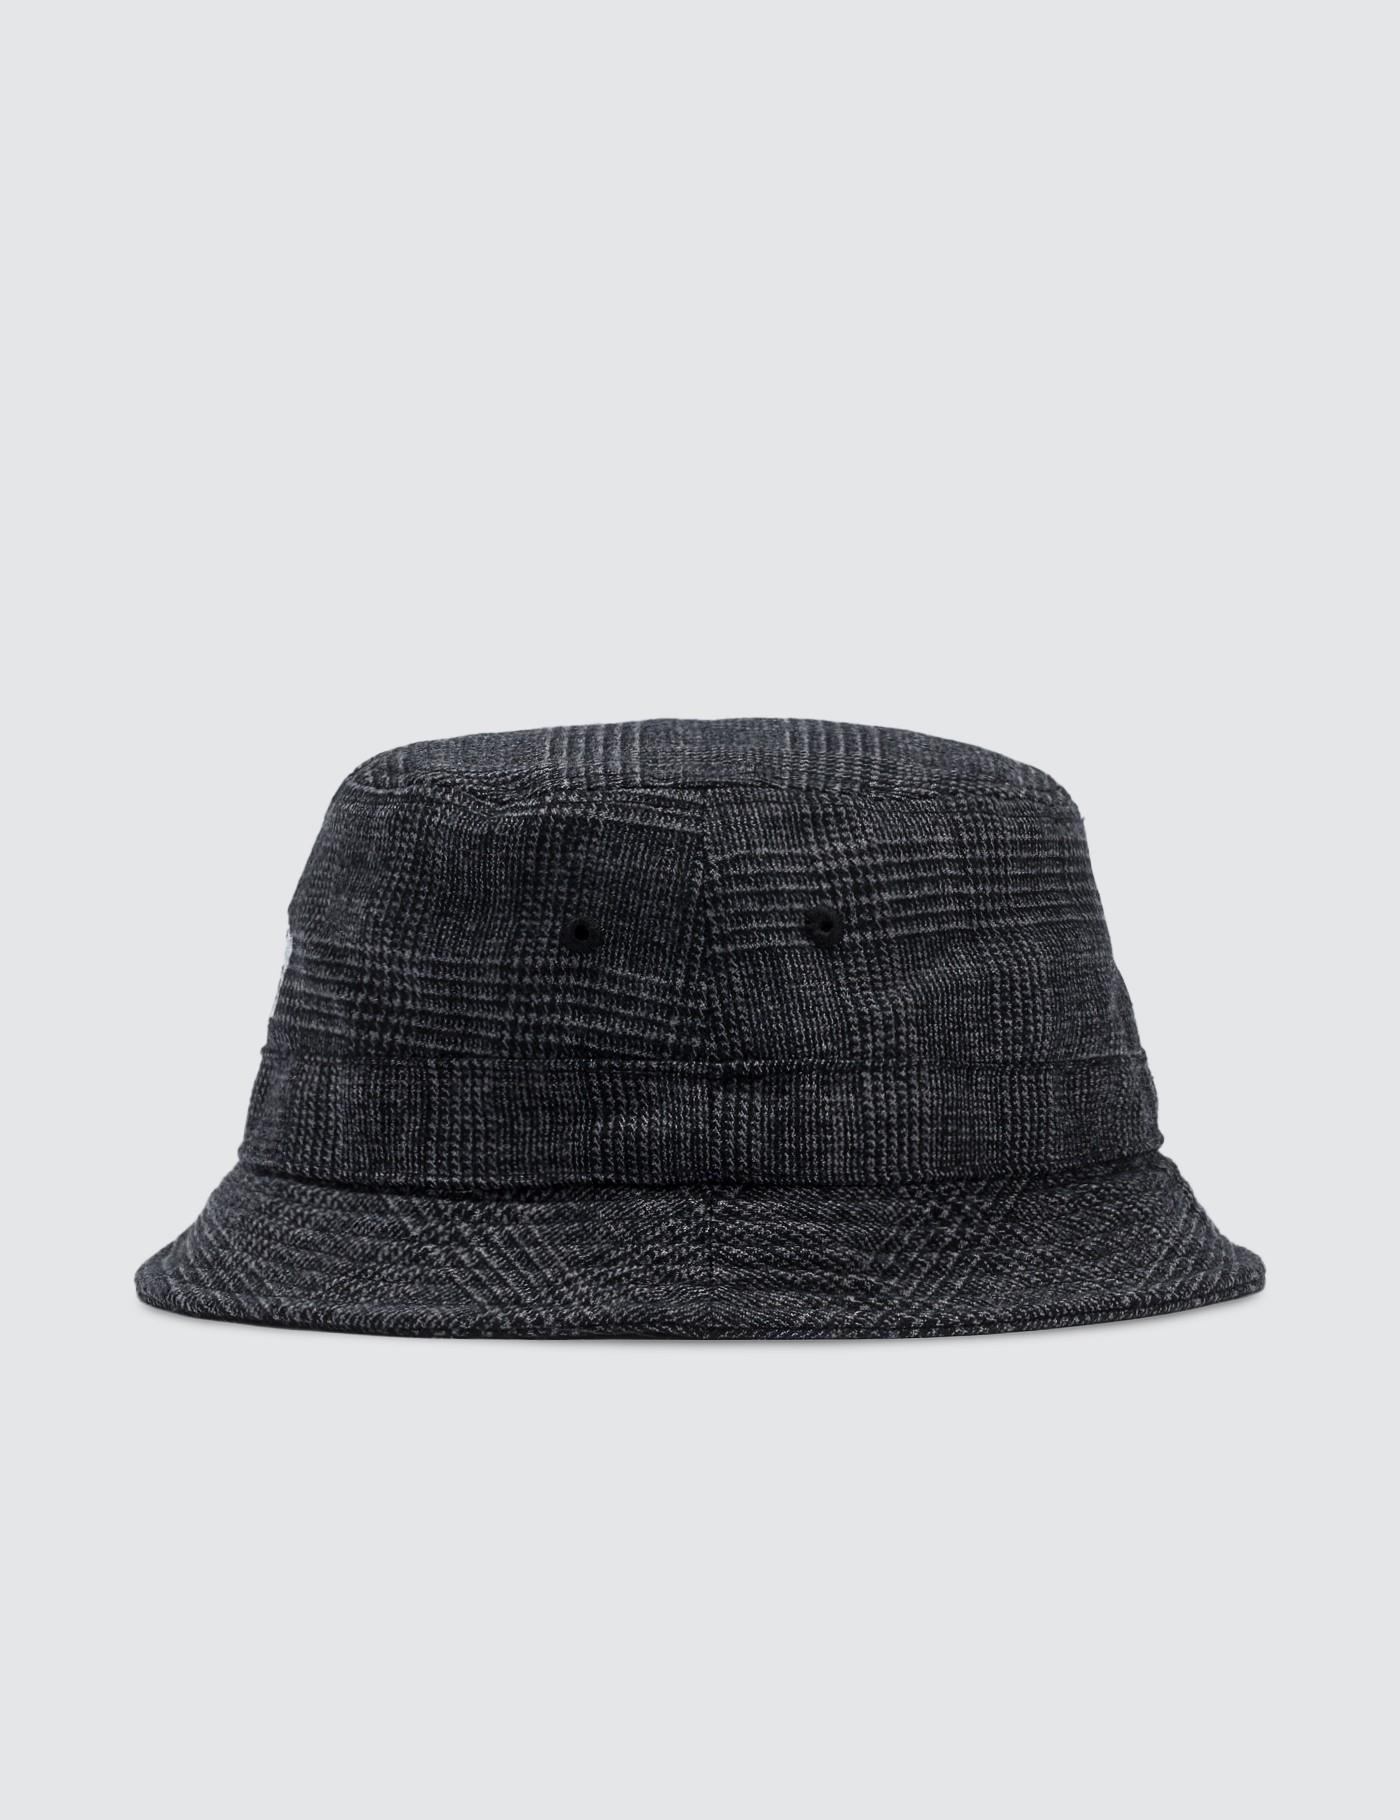 35d77e024d626 Stussy Glen Plaid Bucket Hat in Black - Lyst